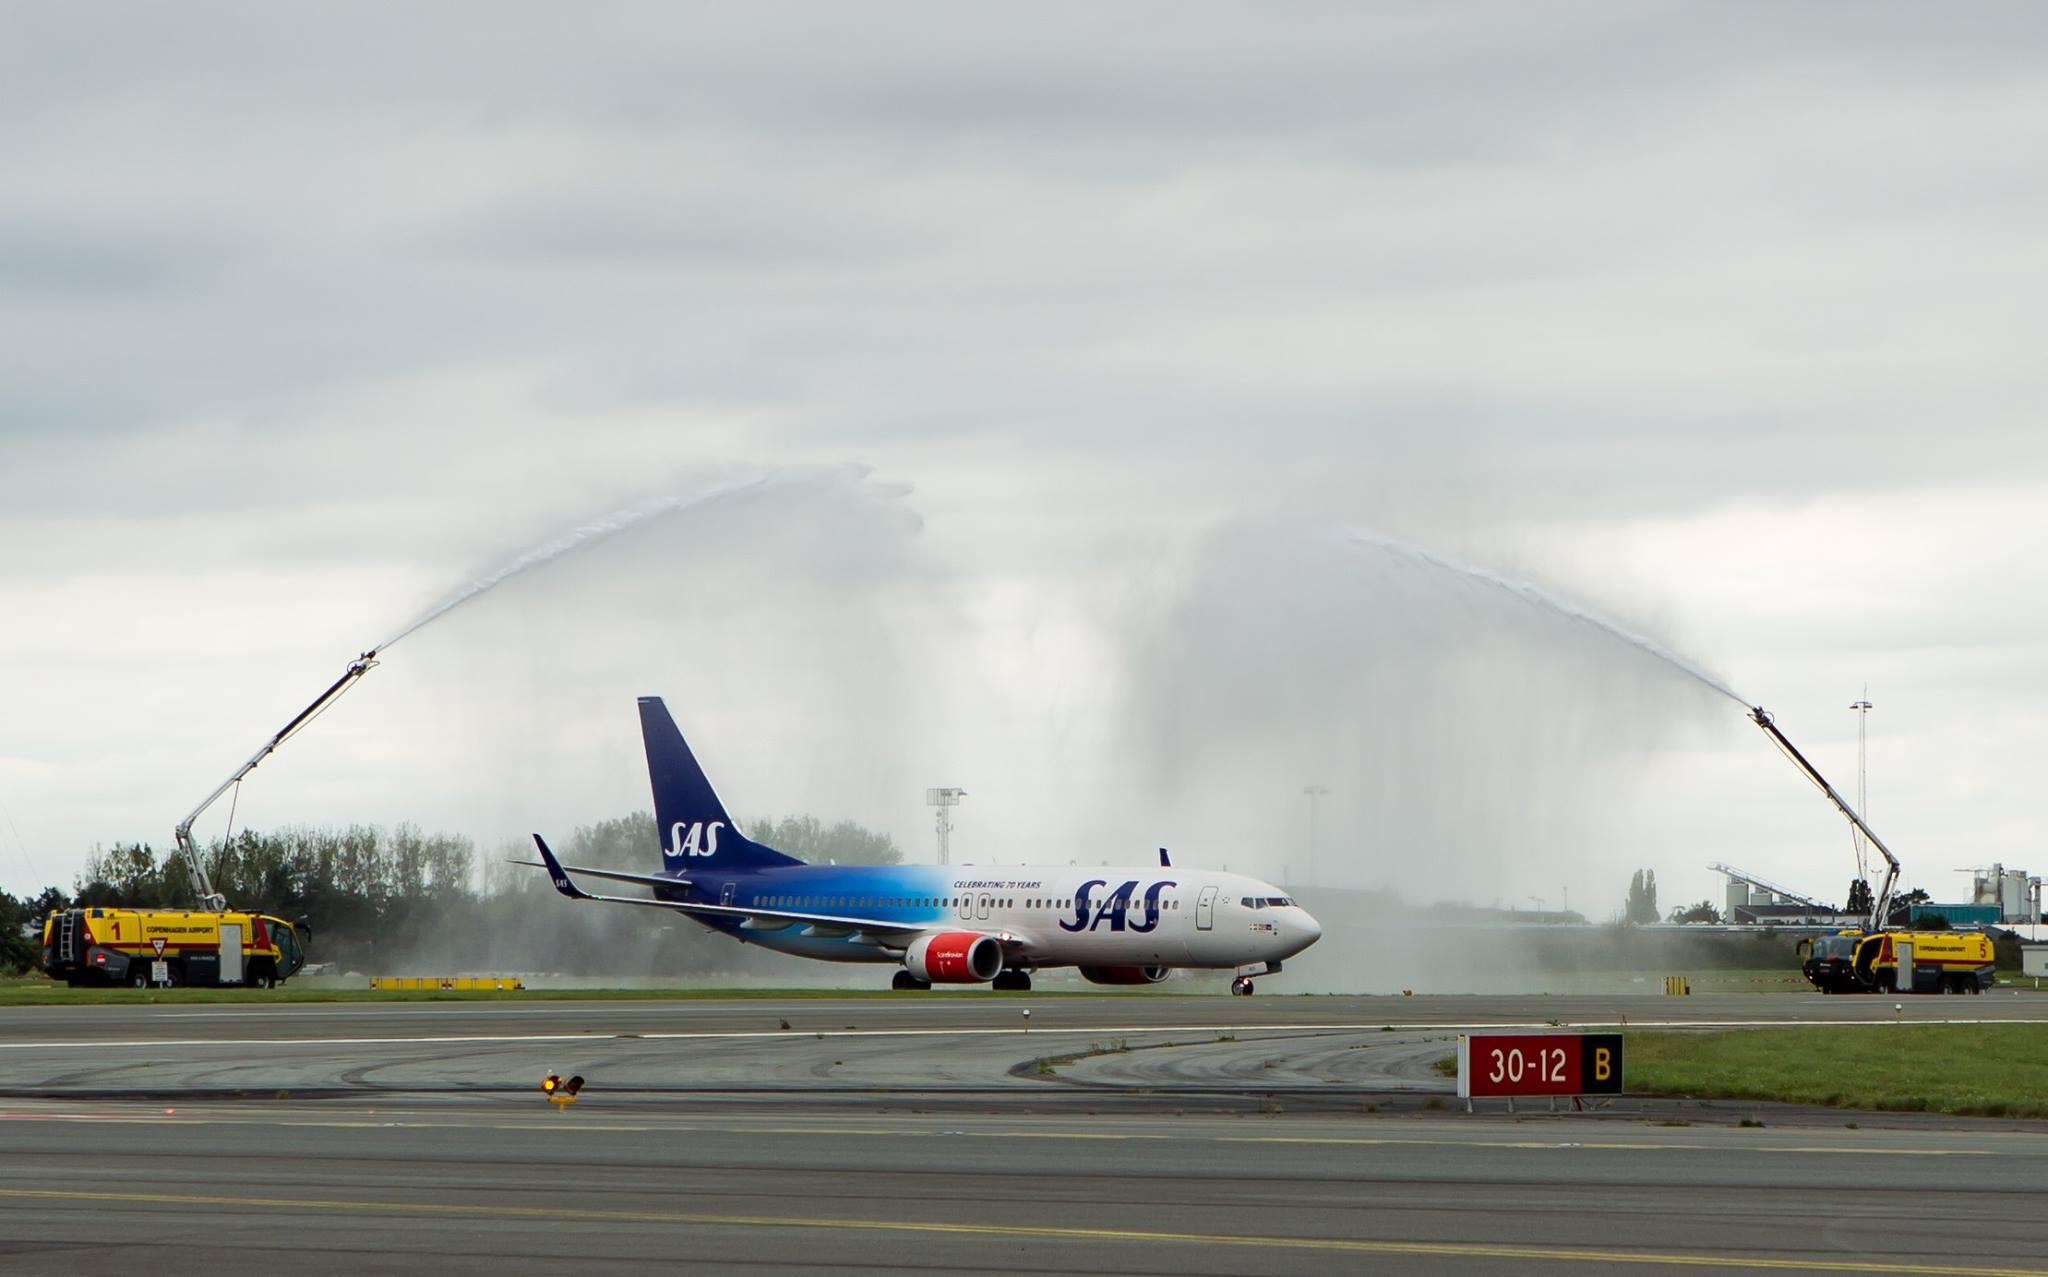 Jubilæumsflyet blev mødt af vandsalut fra brandvæsenet i København.